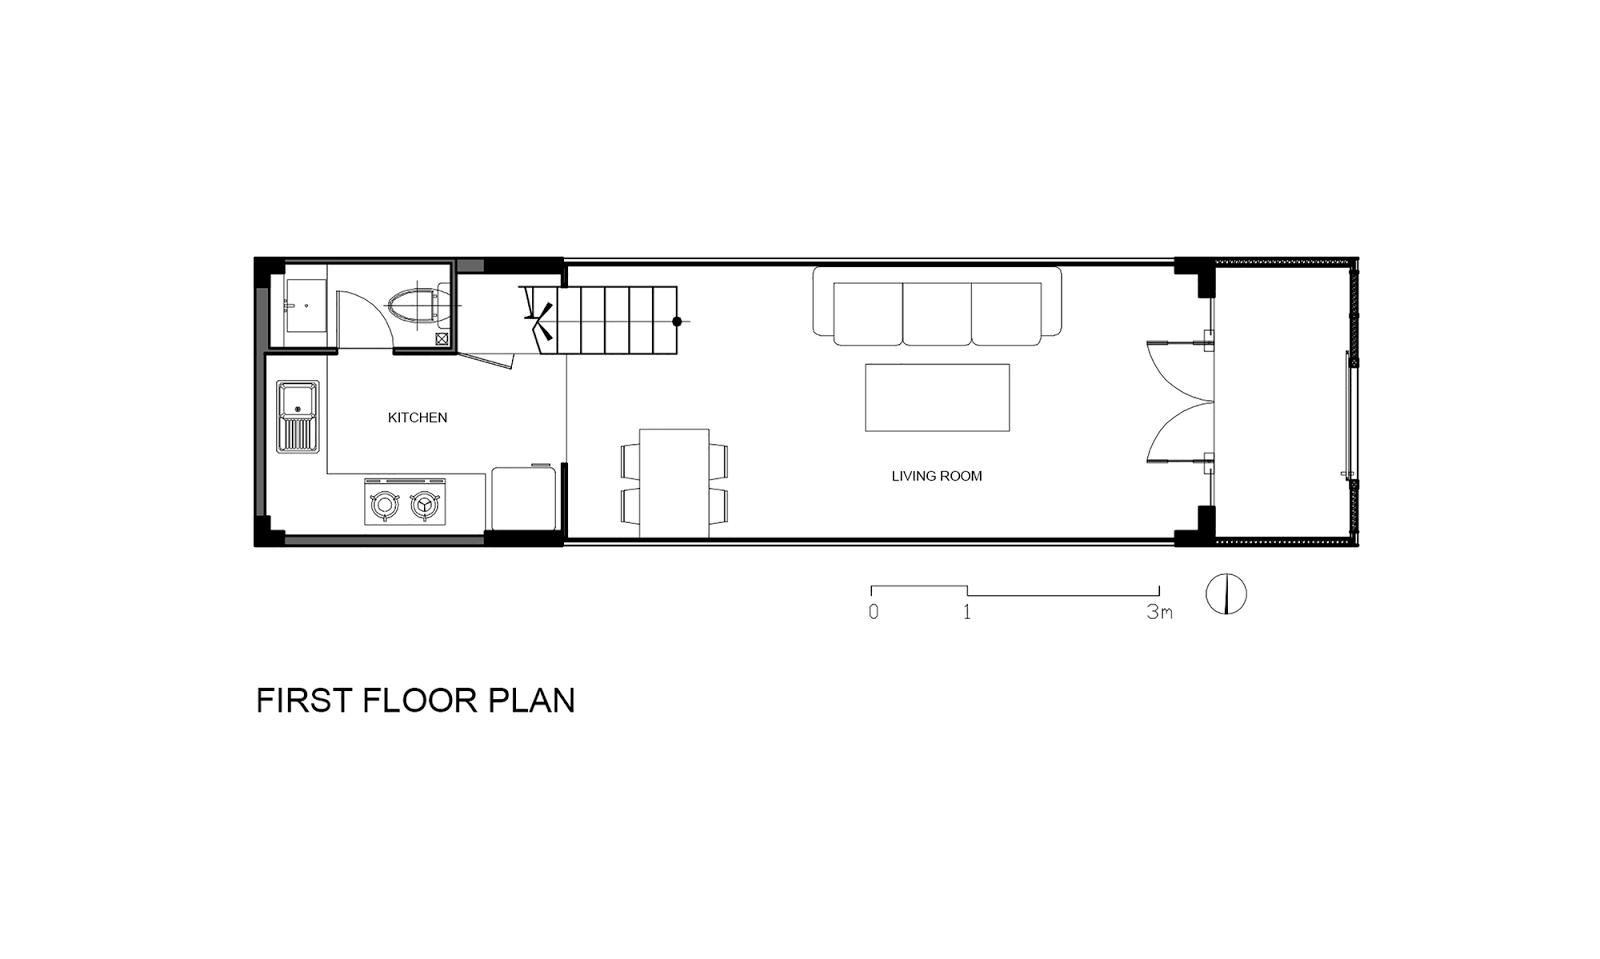 Denah Lantai 1 Rumah Sempit 3x10 Meter